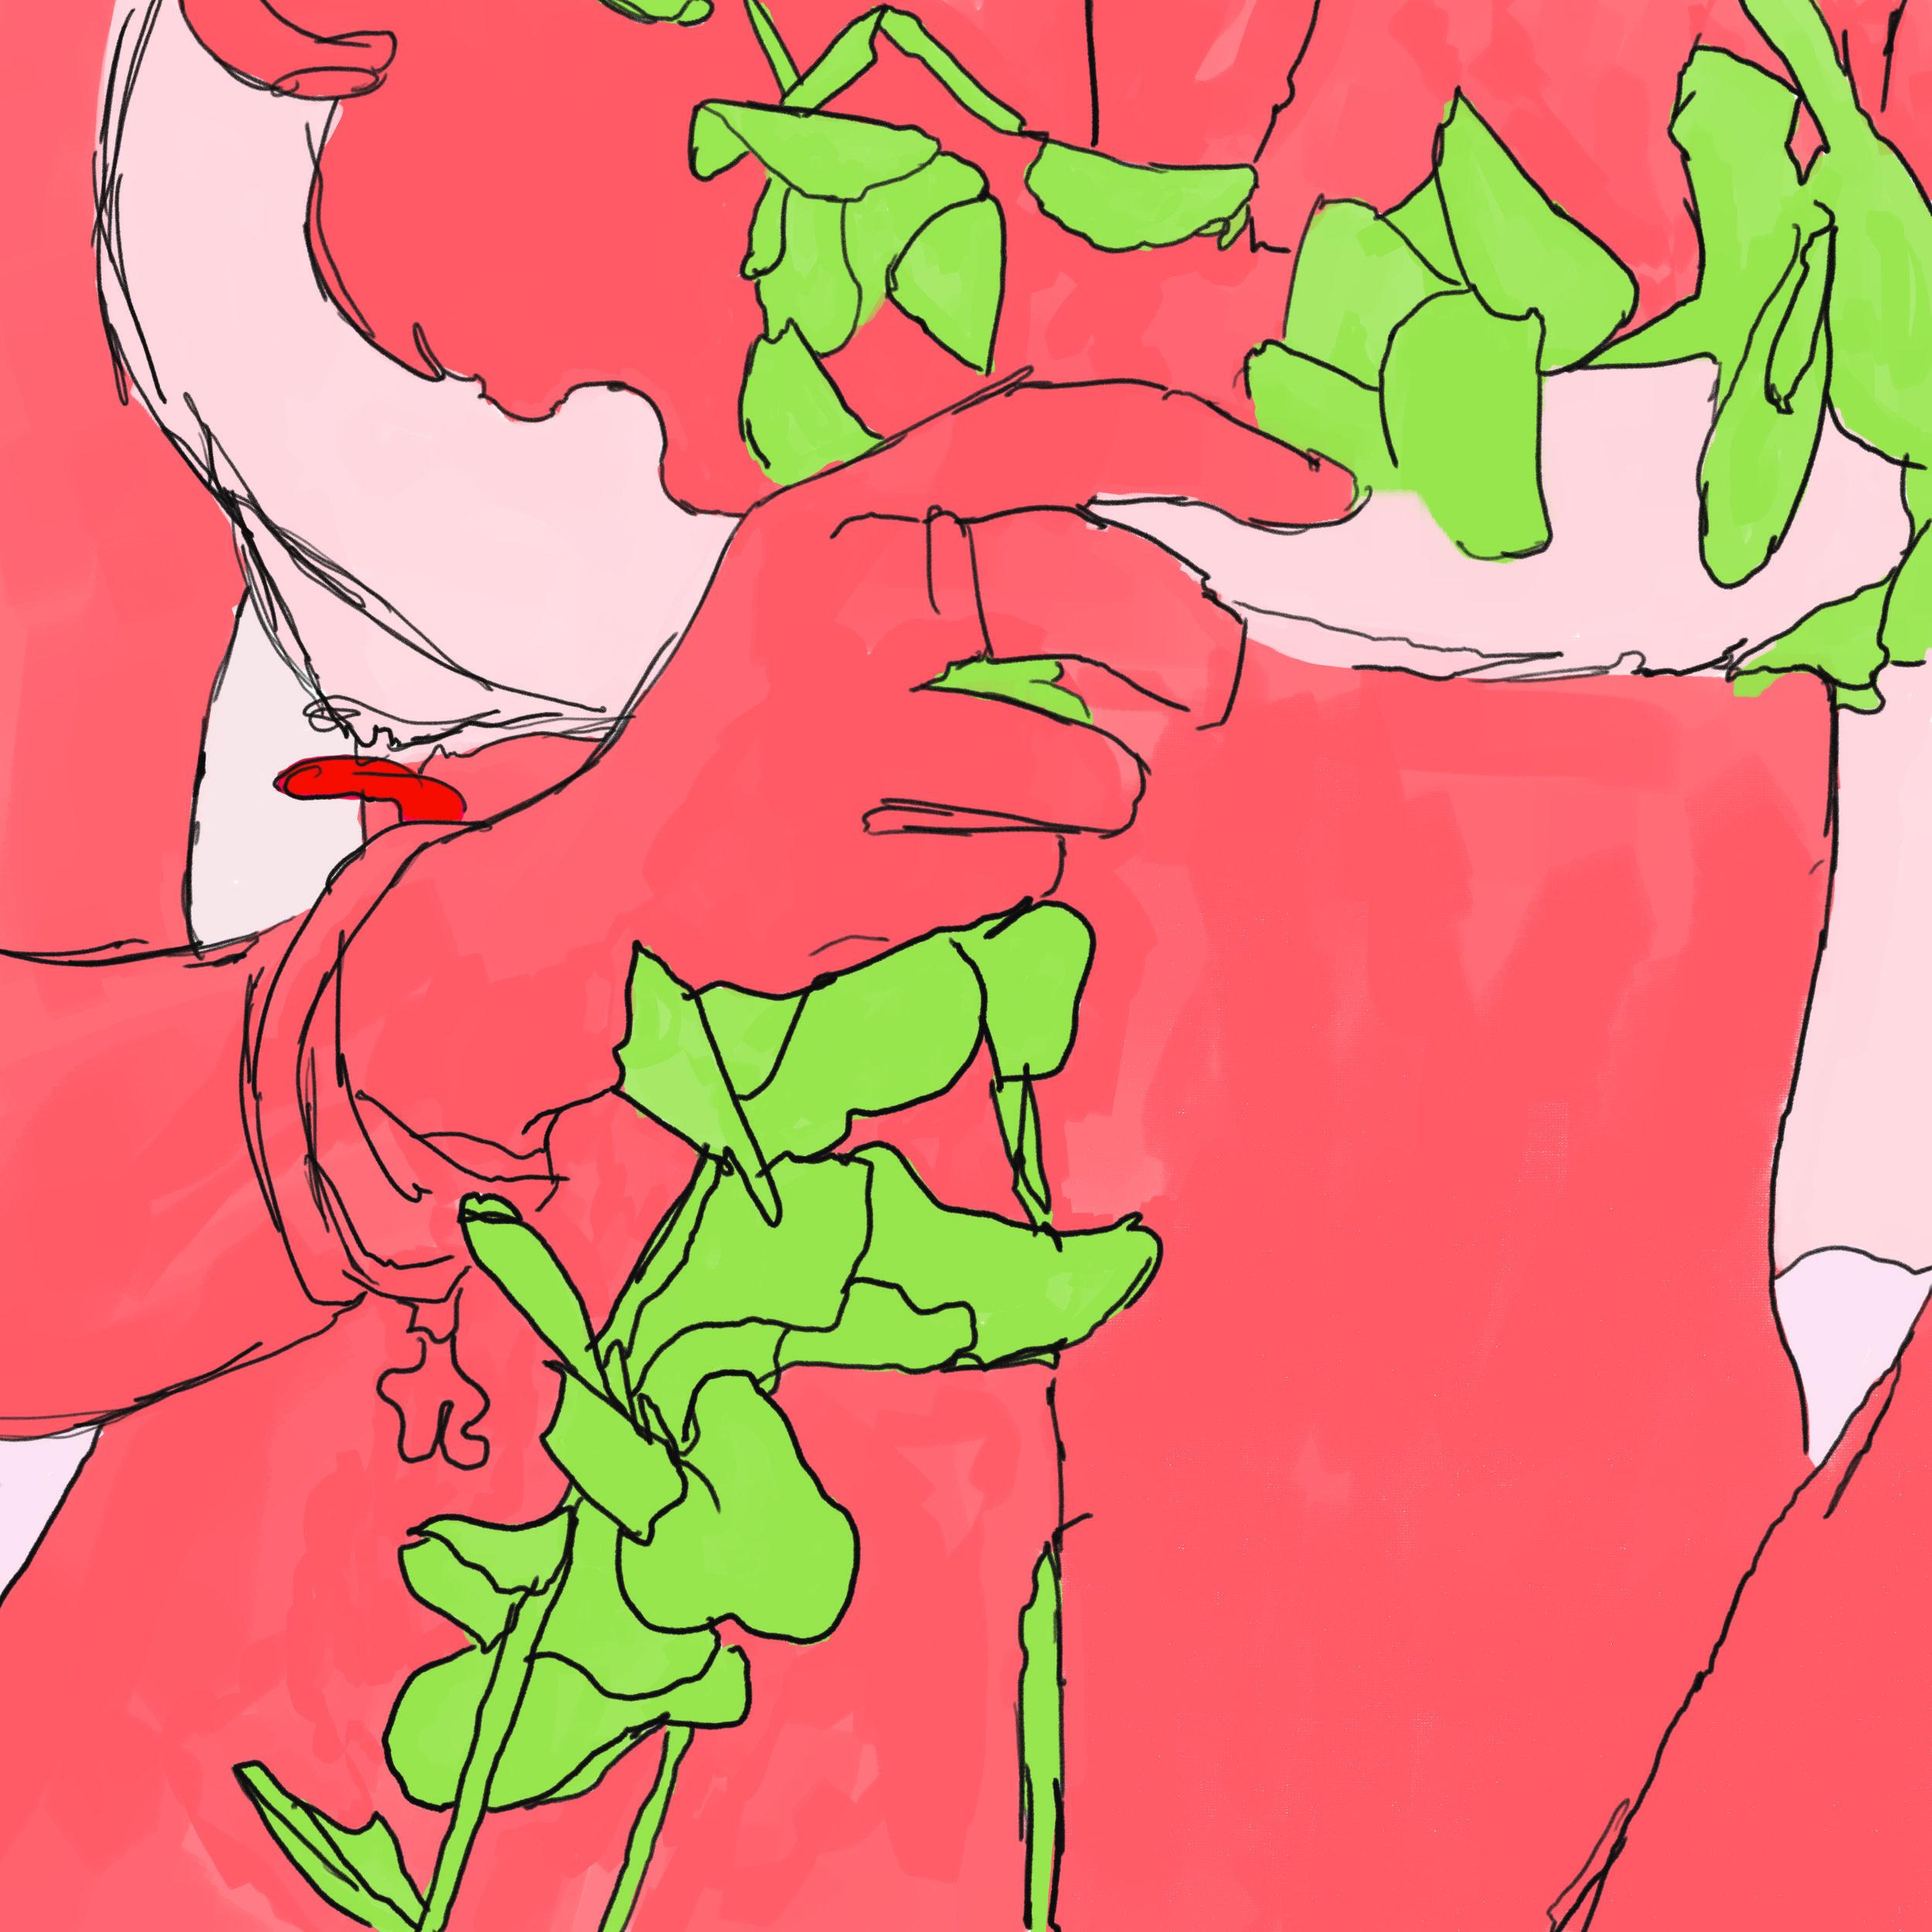 natalia single cover art.JPG